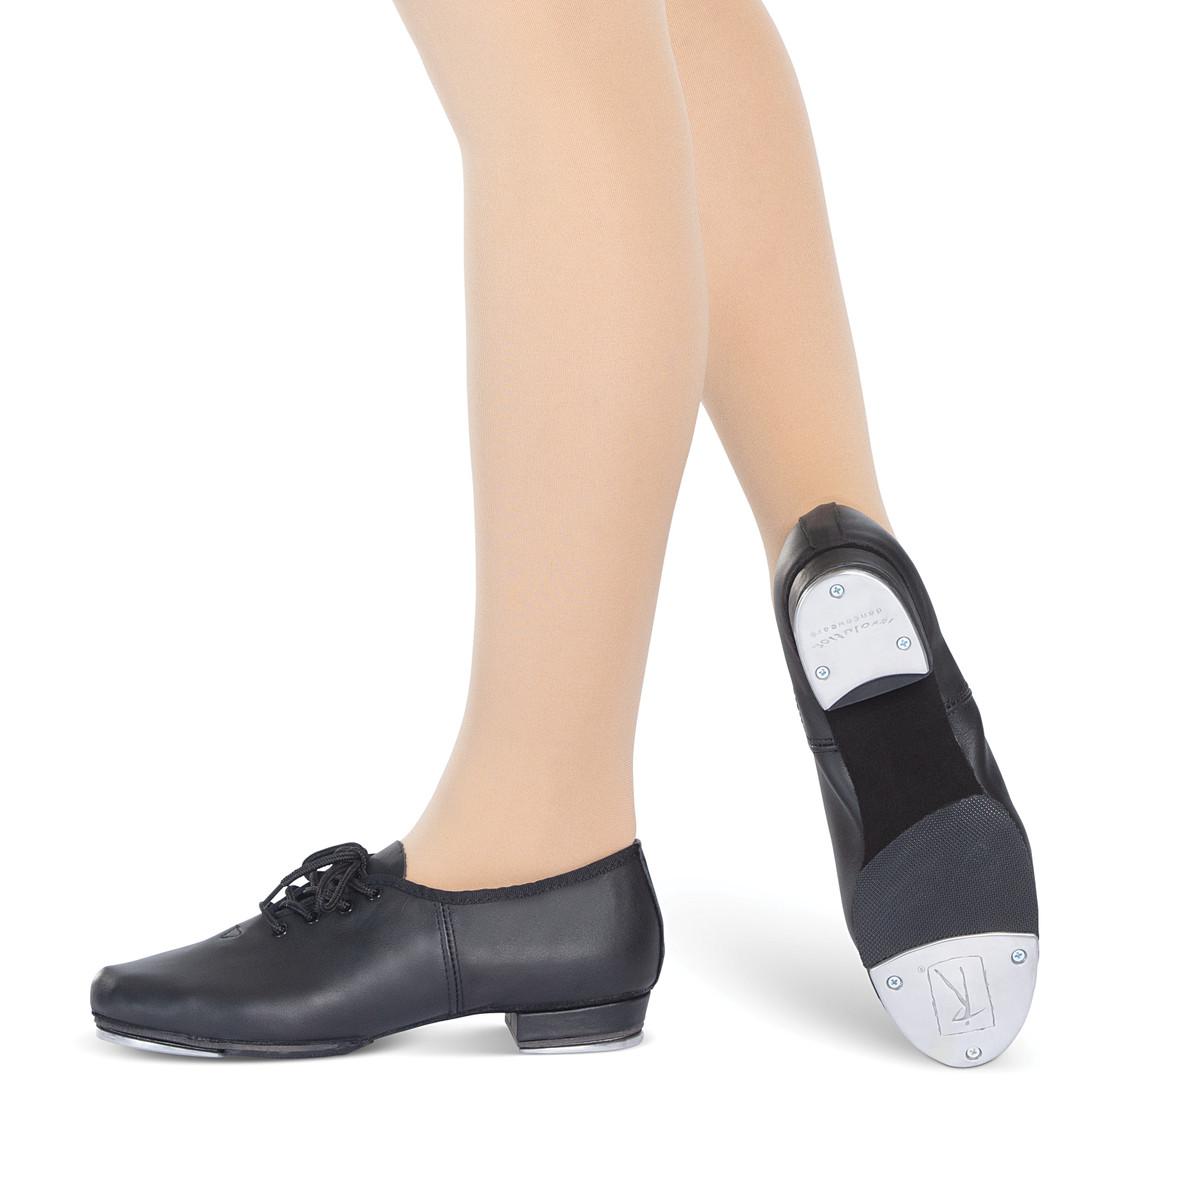 Premium Jazz Tap Shoe Sizing Kit